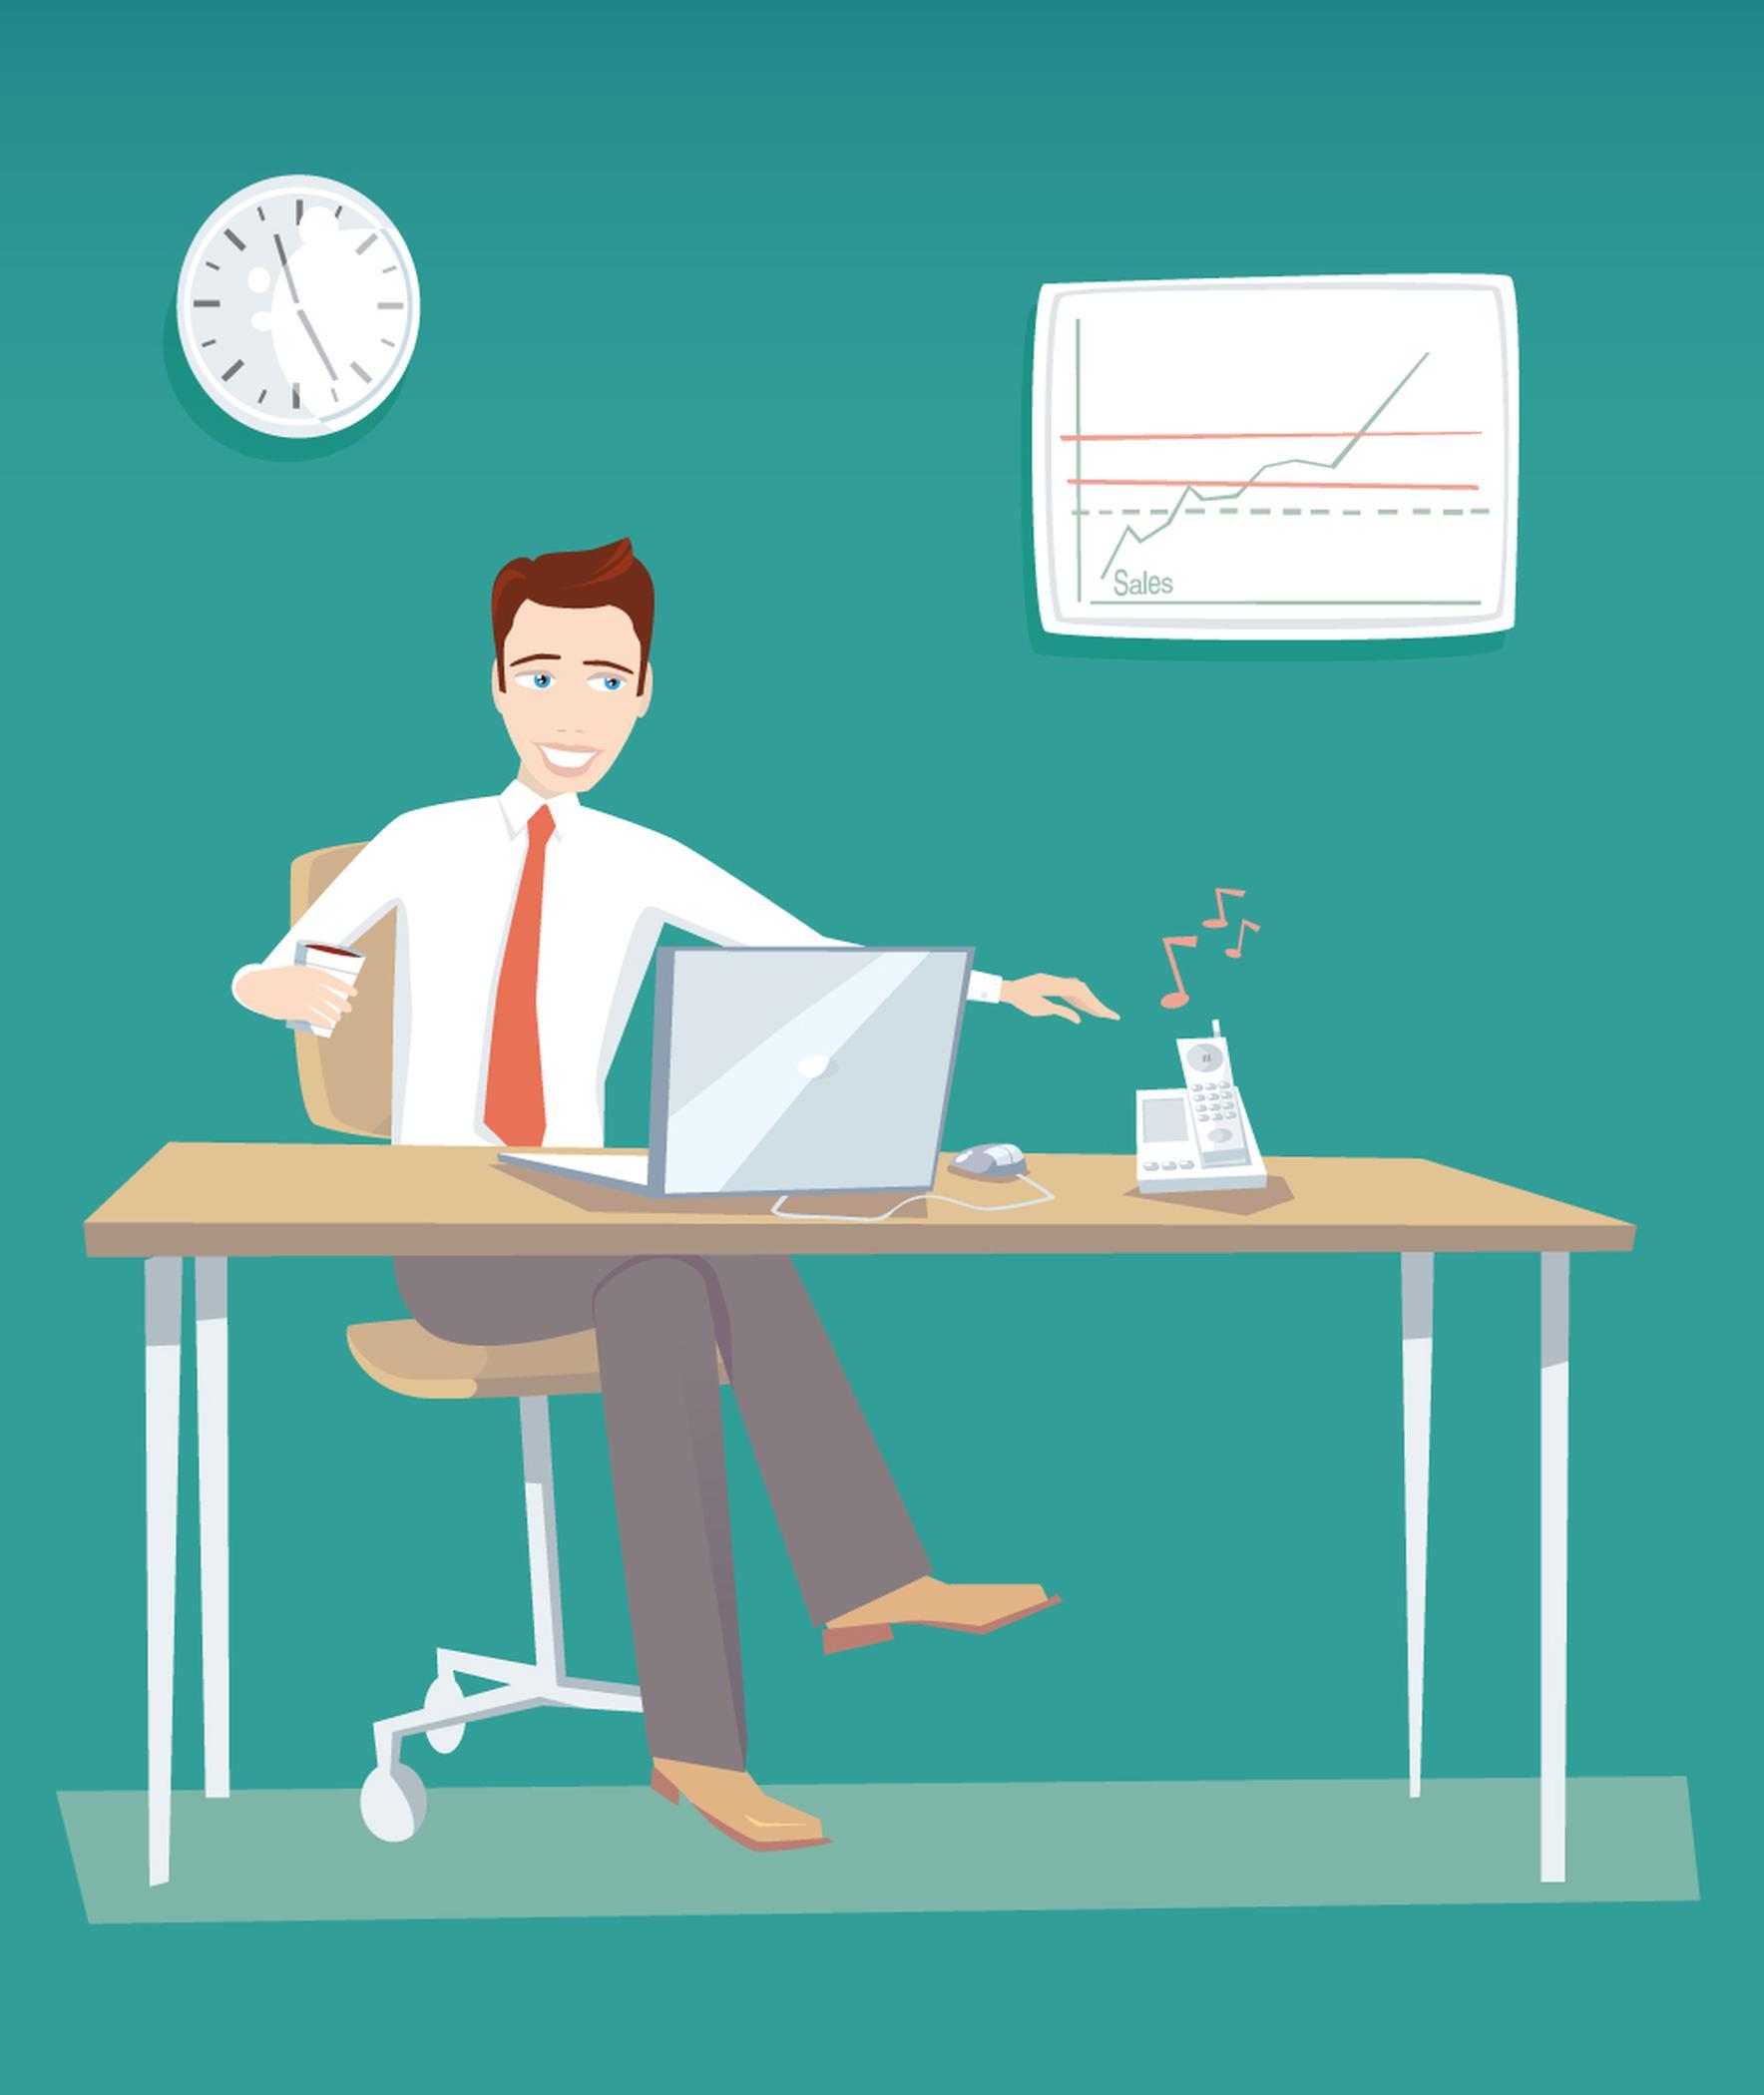 Mediaplanung für Anzeigenschaltungen. Mediaagentur sorgt für optimale Platzierung in der industriellen Fachpresse. Print- und Onlinemedien.